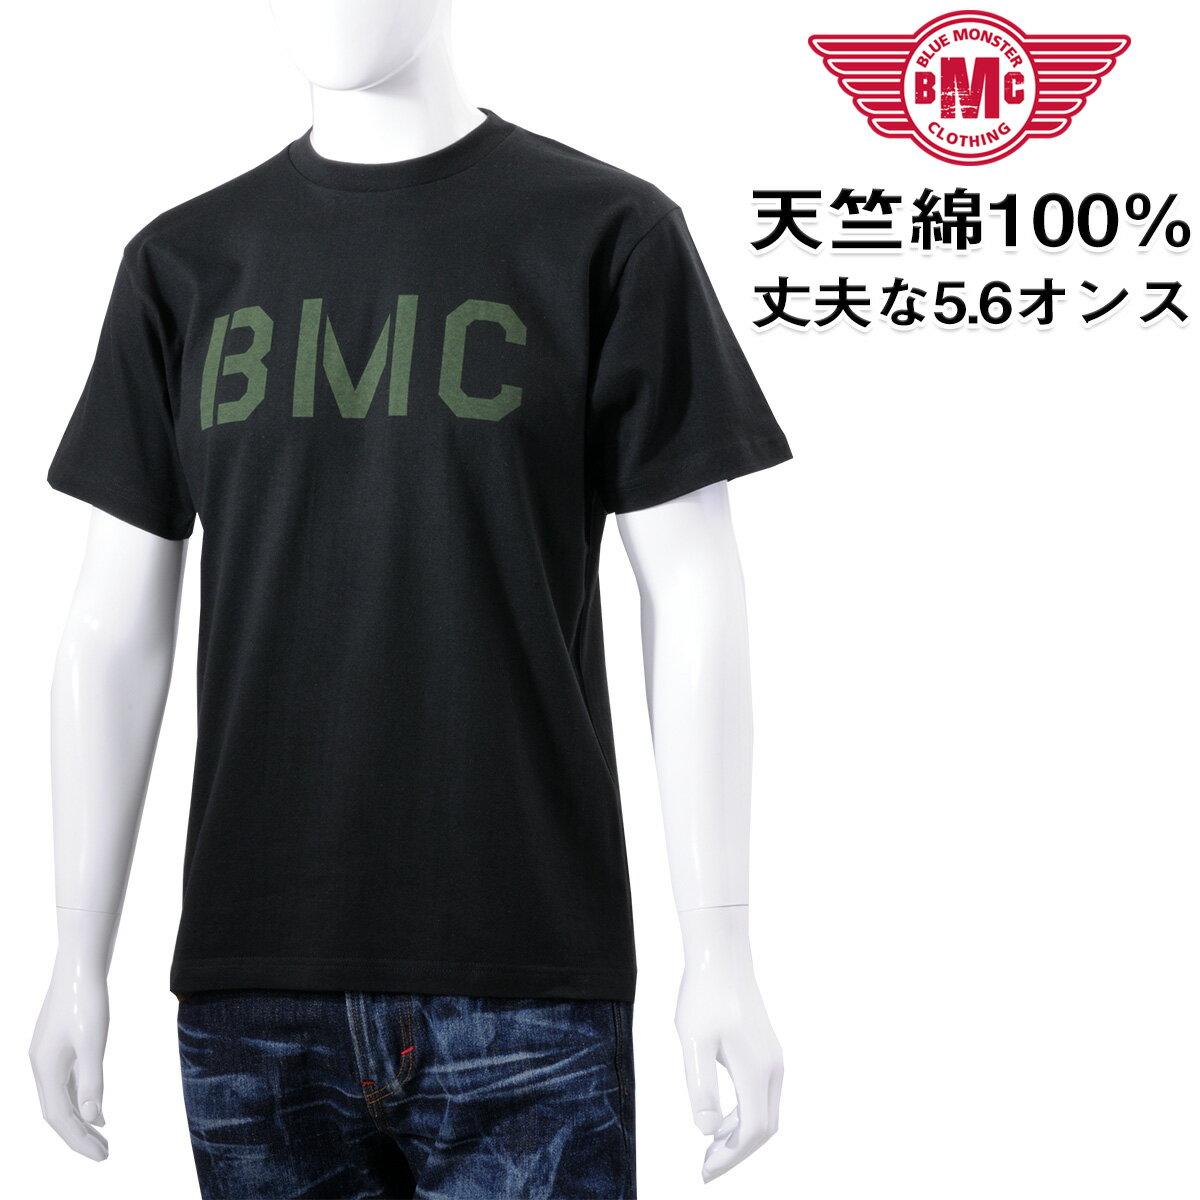 【セール】【メール便対応】BMC メンズ Tシャ...の商品画像